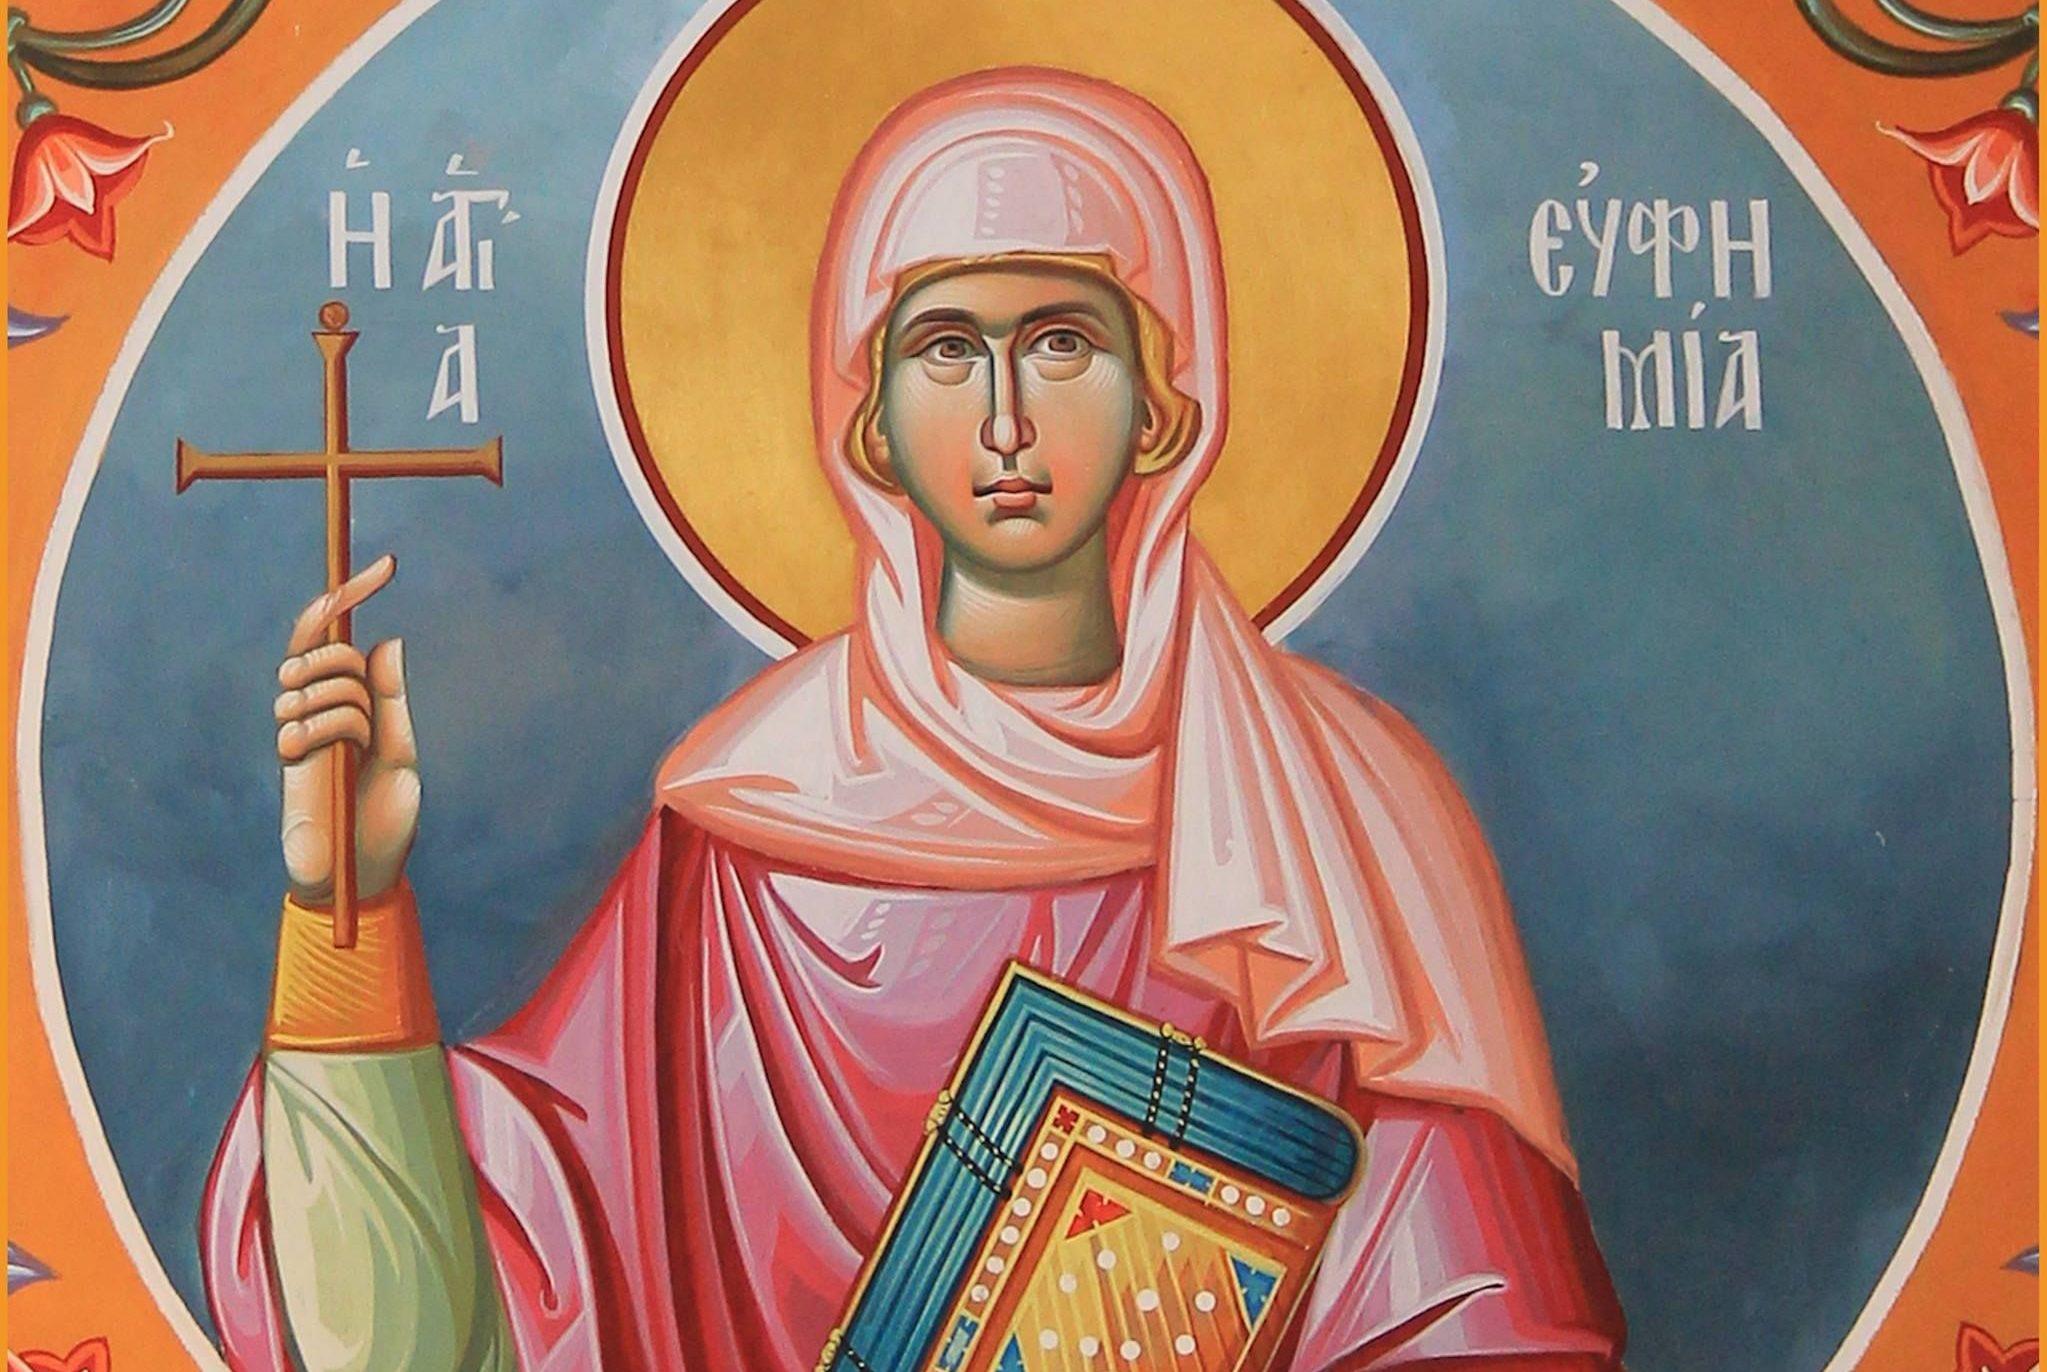 Αγία Ευφημία: Ο θαυμαστός βίος της Αγίας - ΕΚΚΛΗΣΙΑ ONLINE